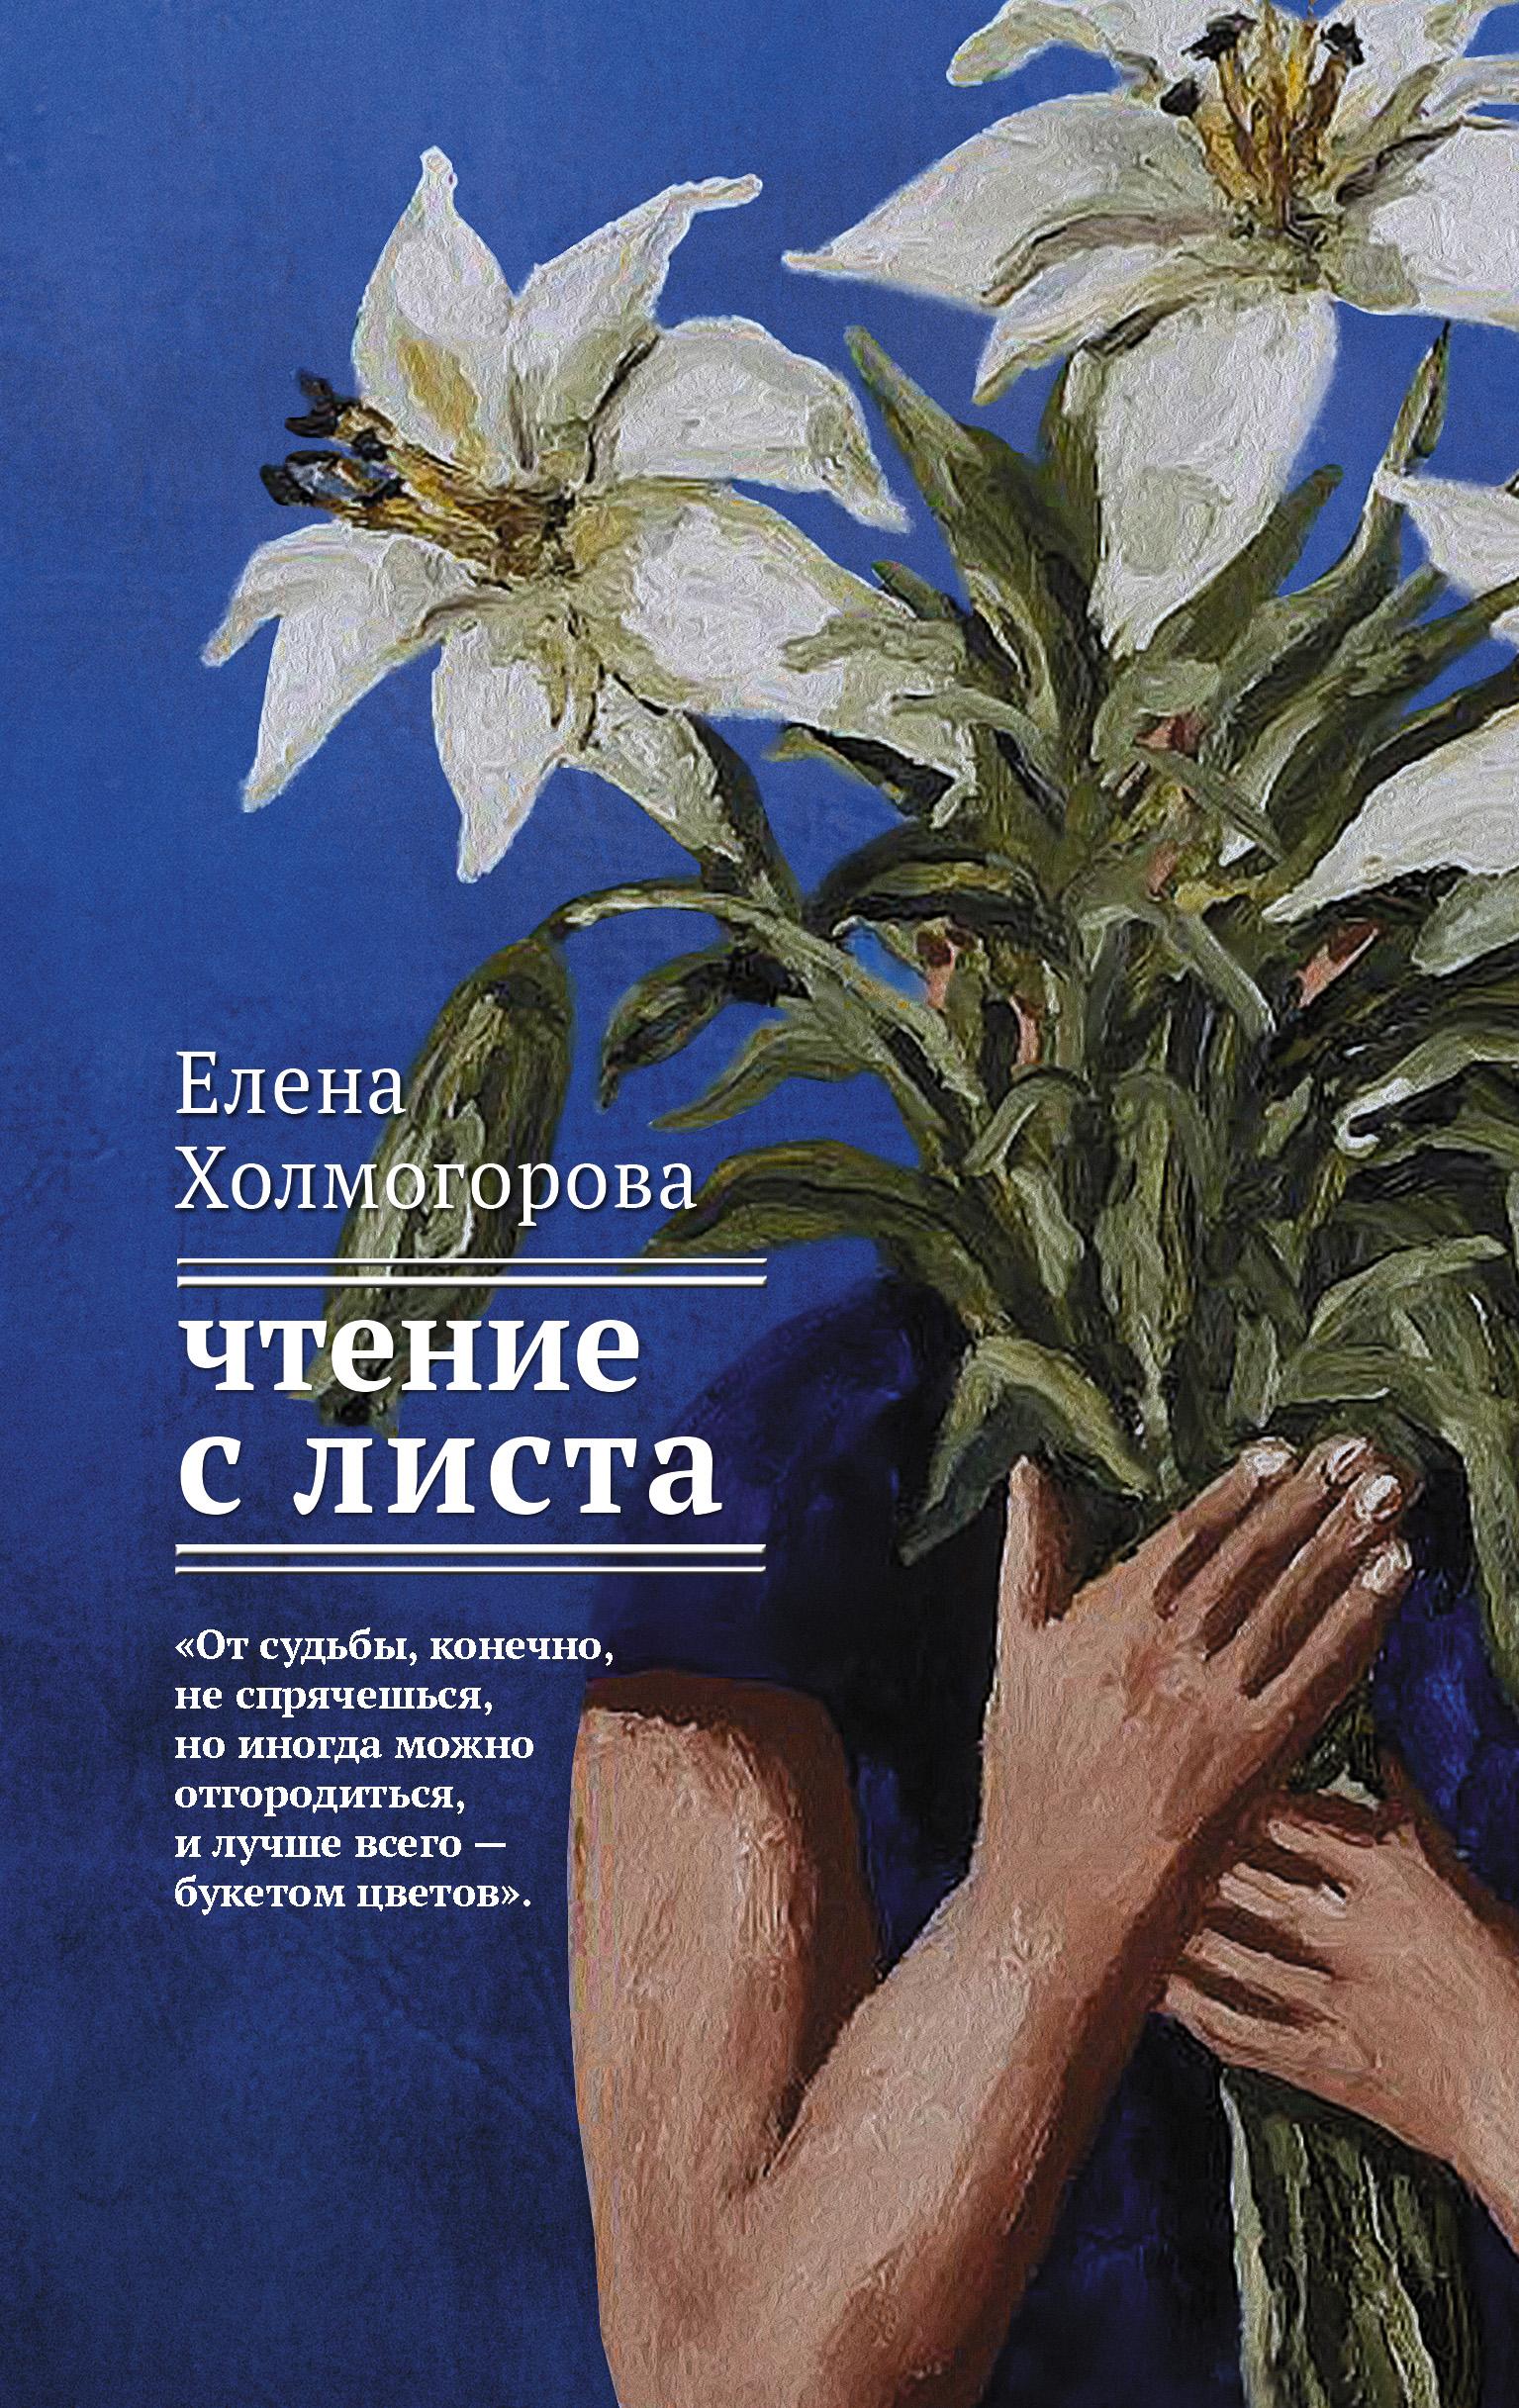 Елена Холмогорова Чтение с листа винцесь мудров последняя репетиция